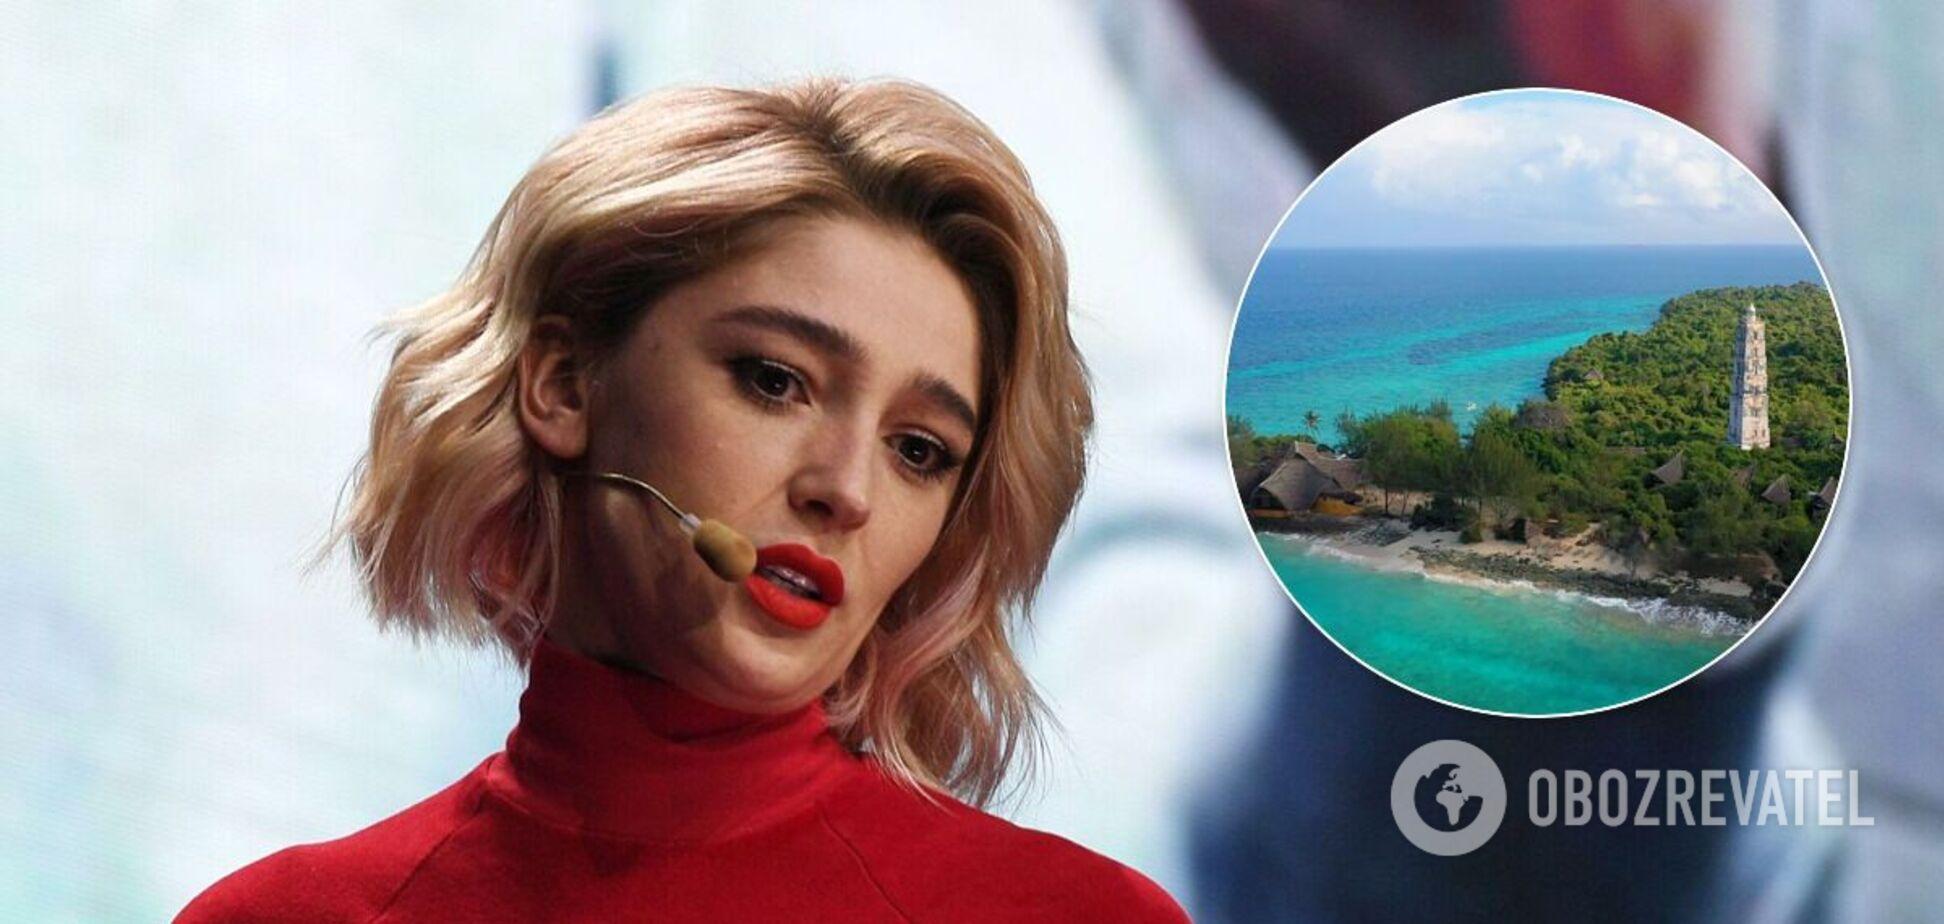 Івлєєва розповіла, як орендувала цілий острів